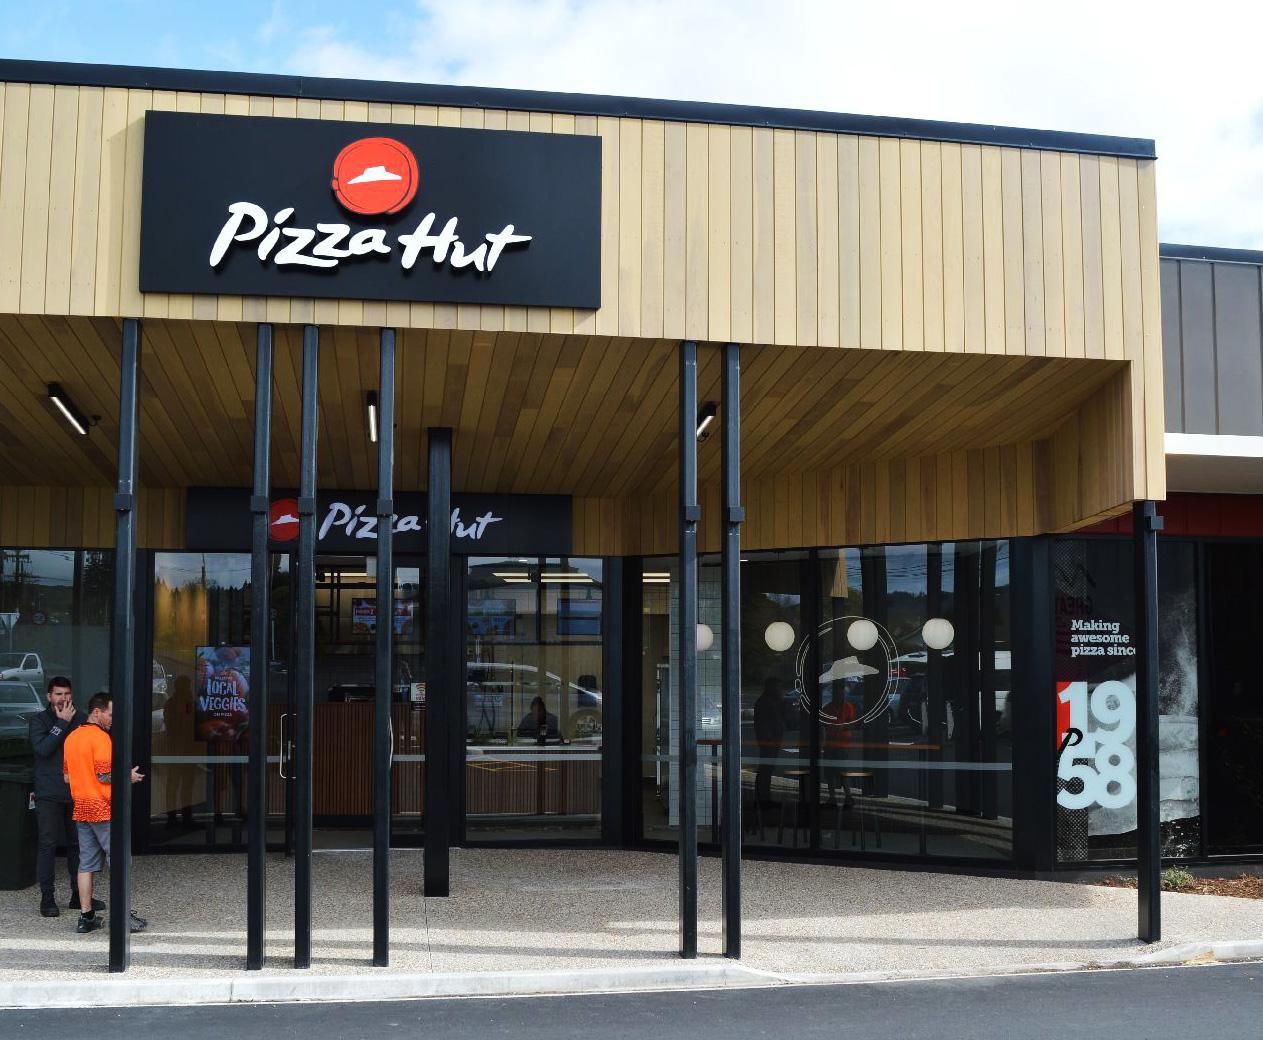 pizza hut fascia 3d letters